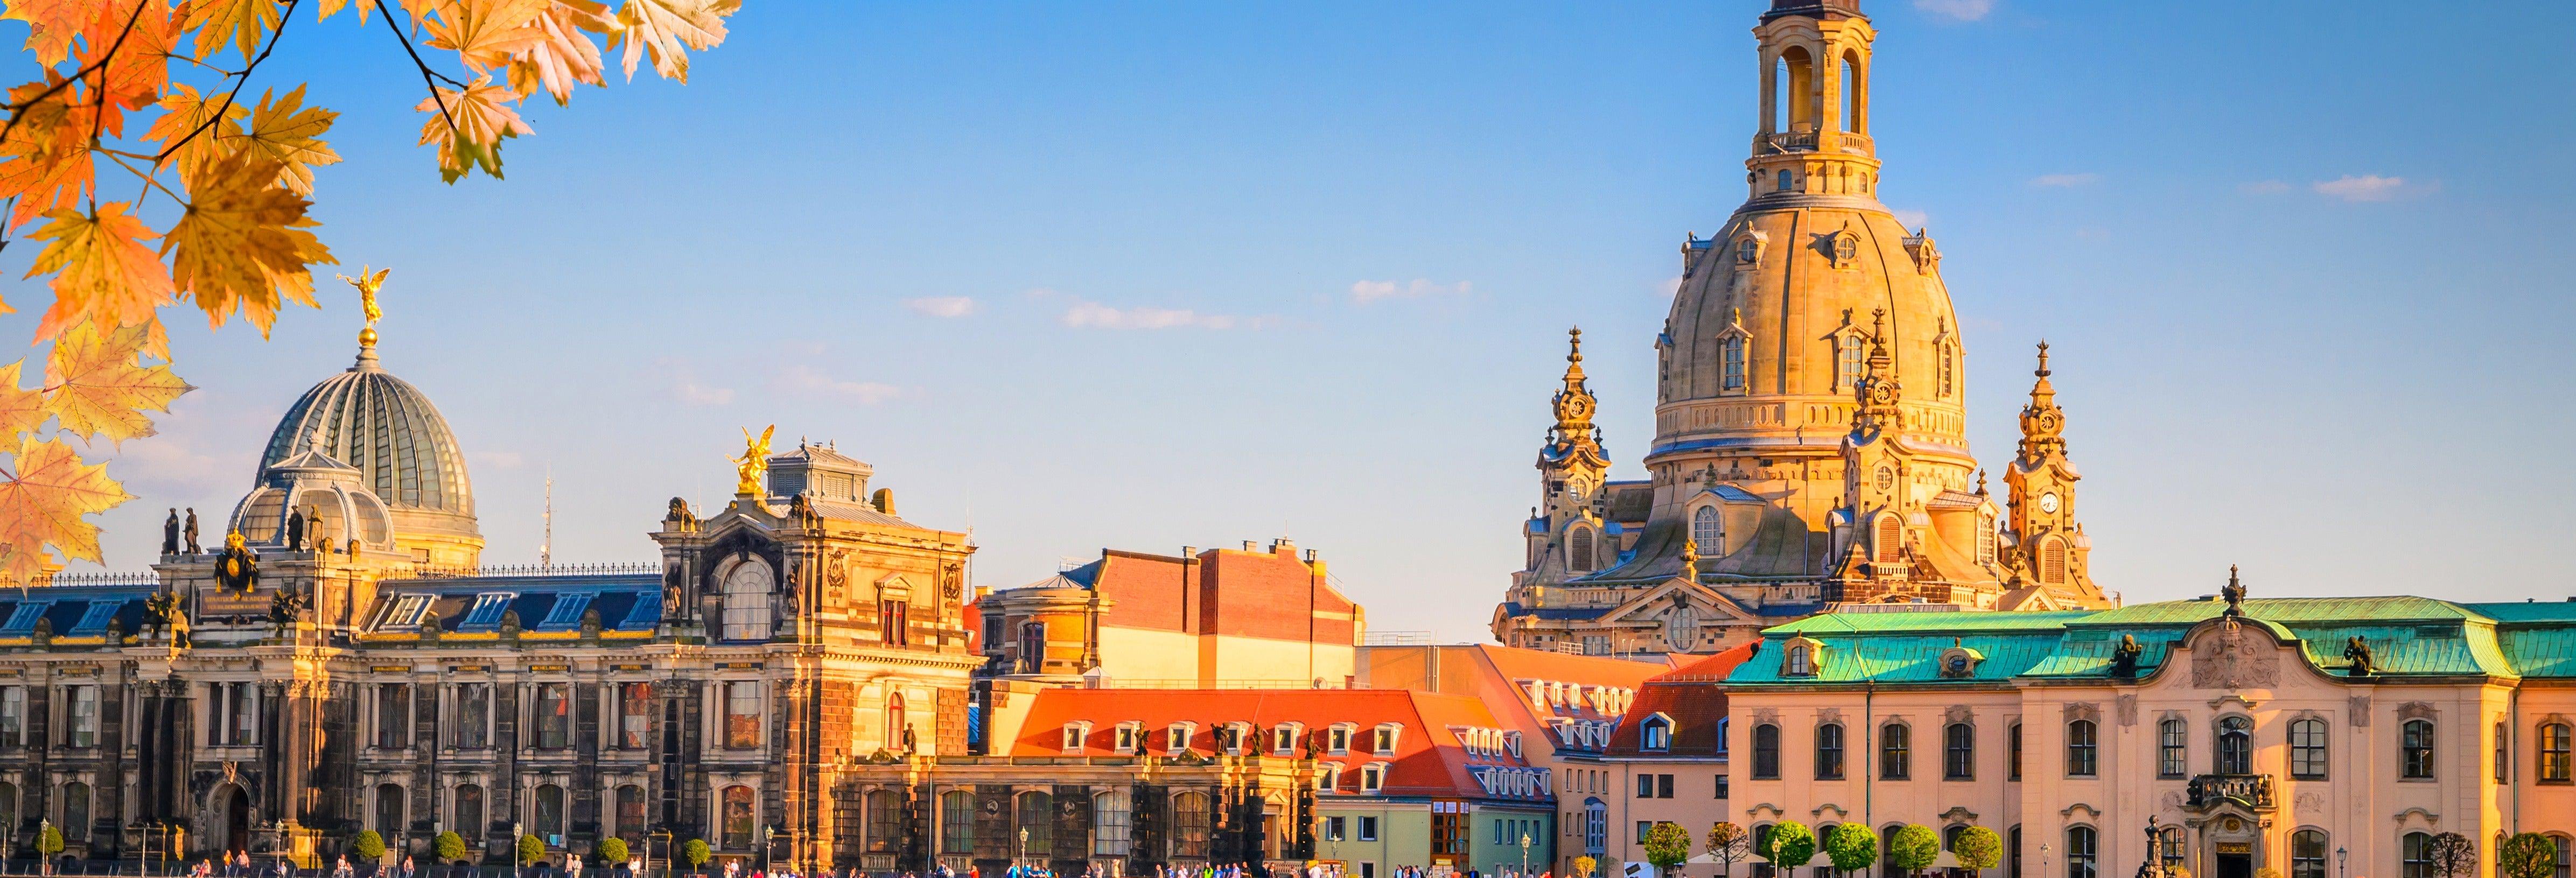 Excursión a Dresde